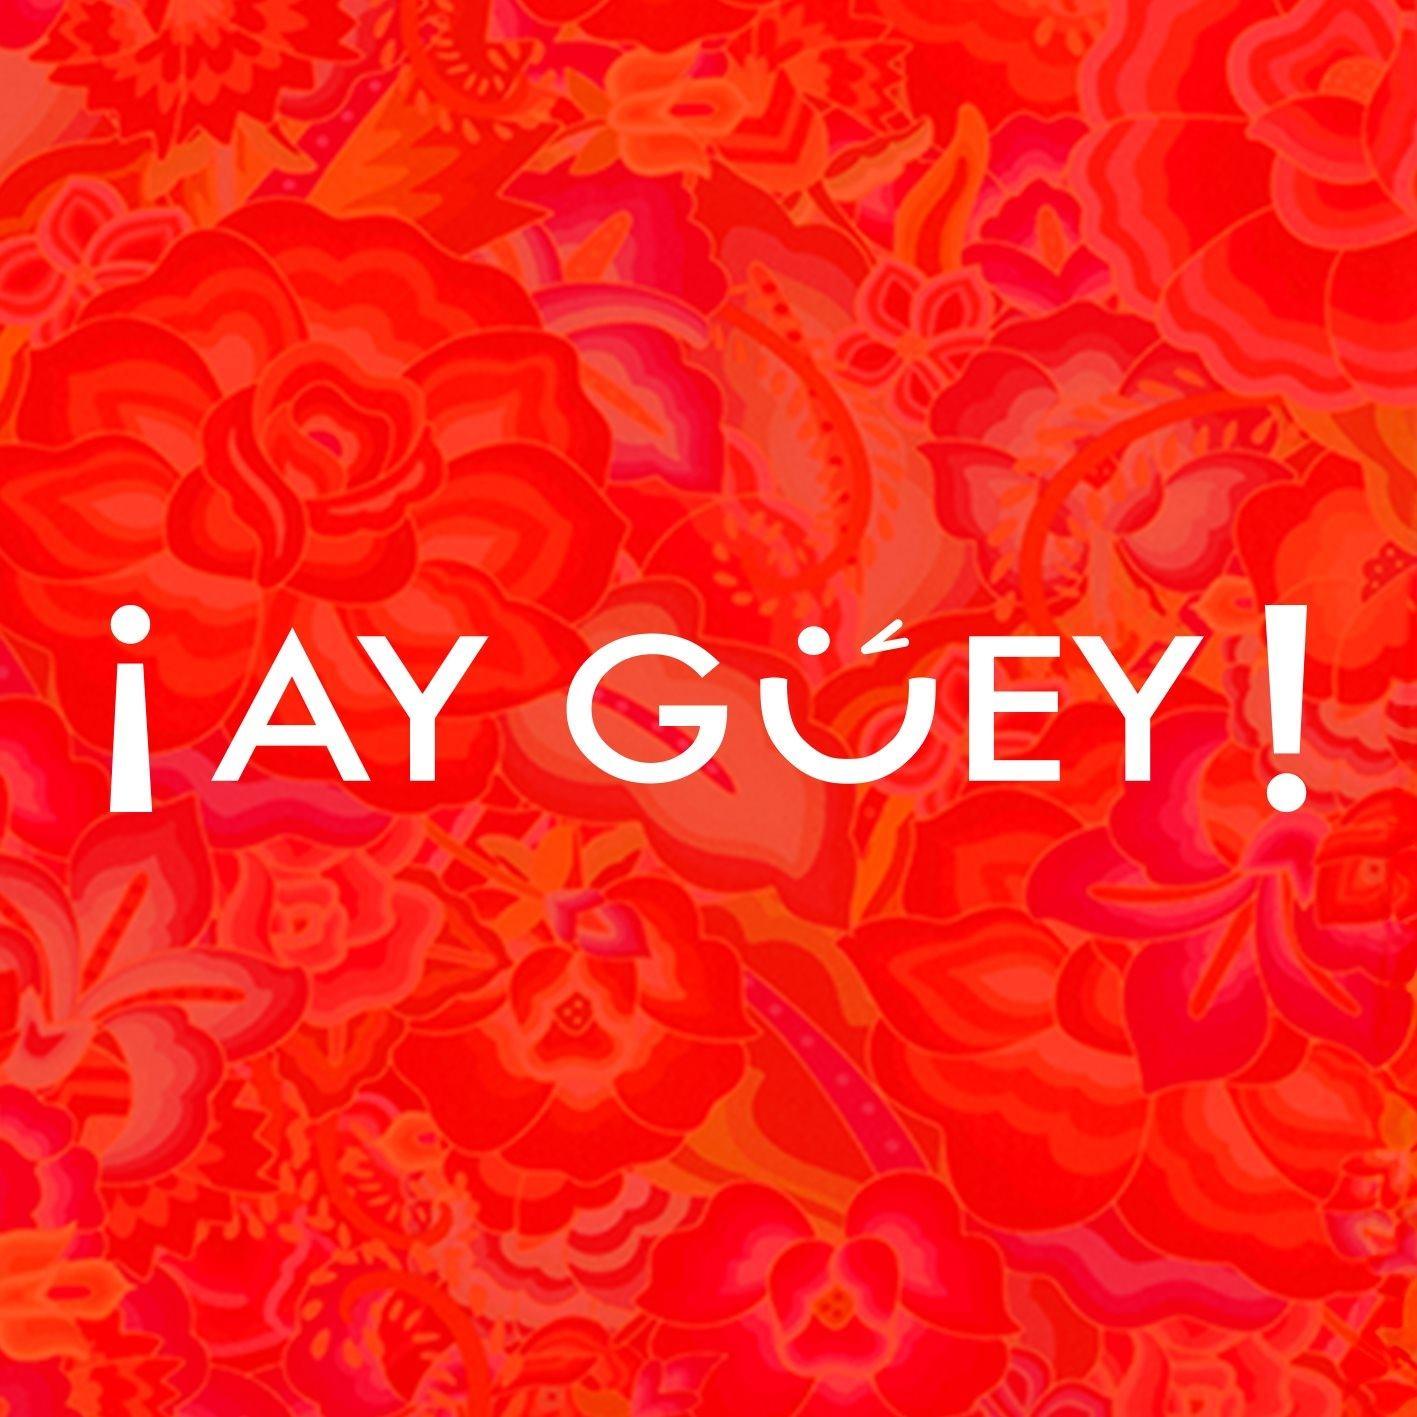 Ay Guey!